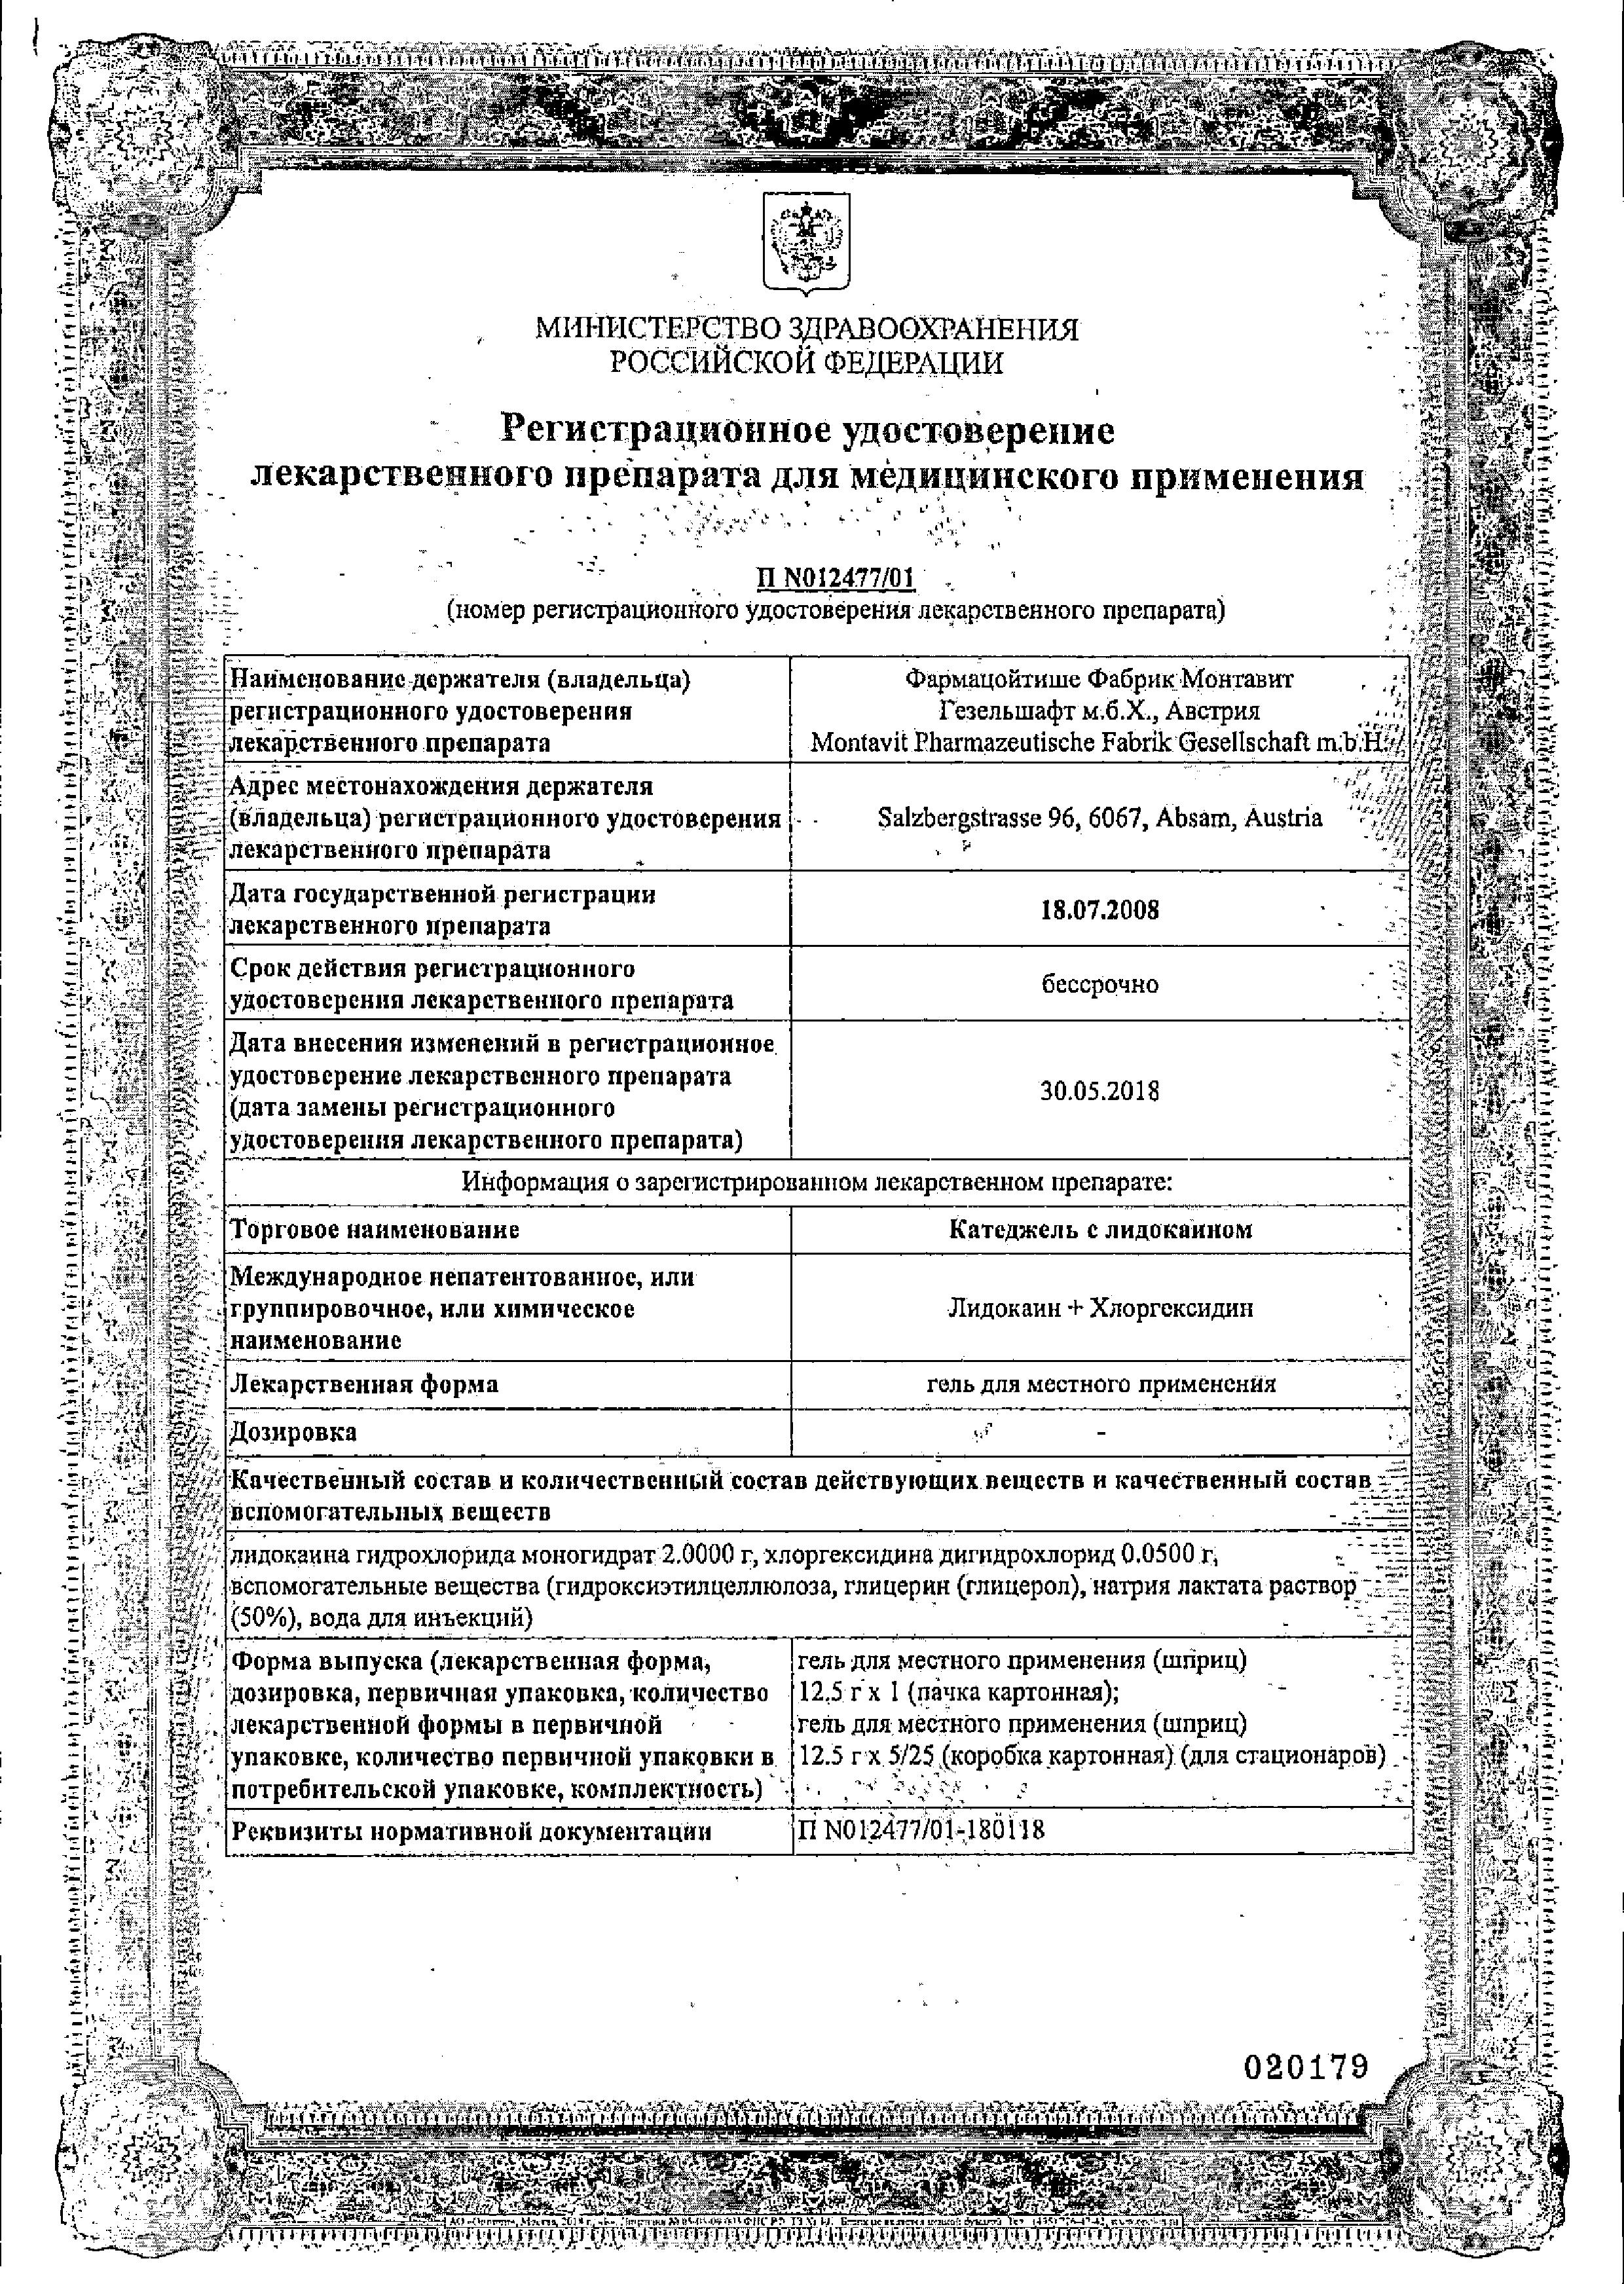 Катеджель с лидокаином сертификат